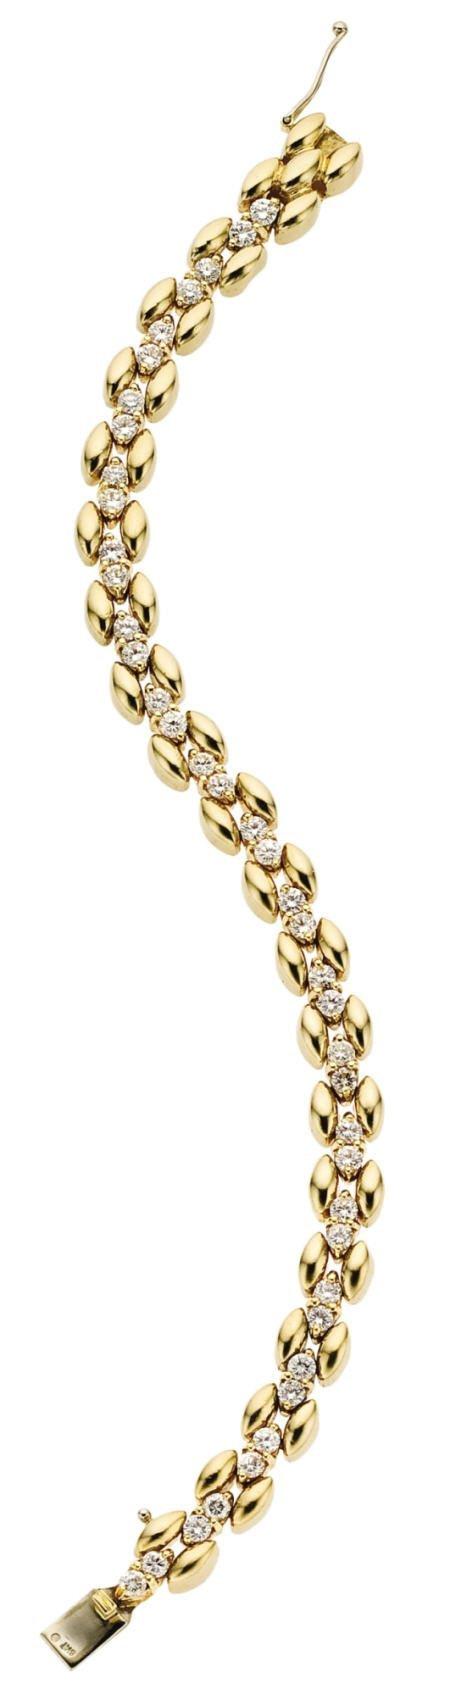 46015: Diamond, Gold Bracelet